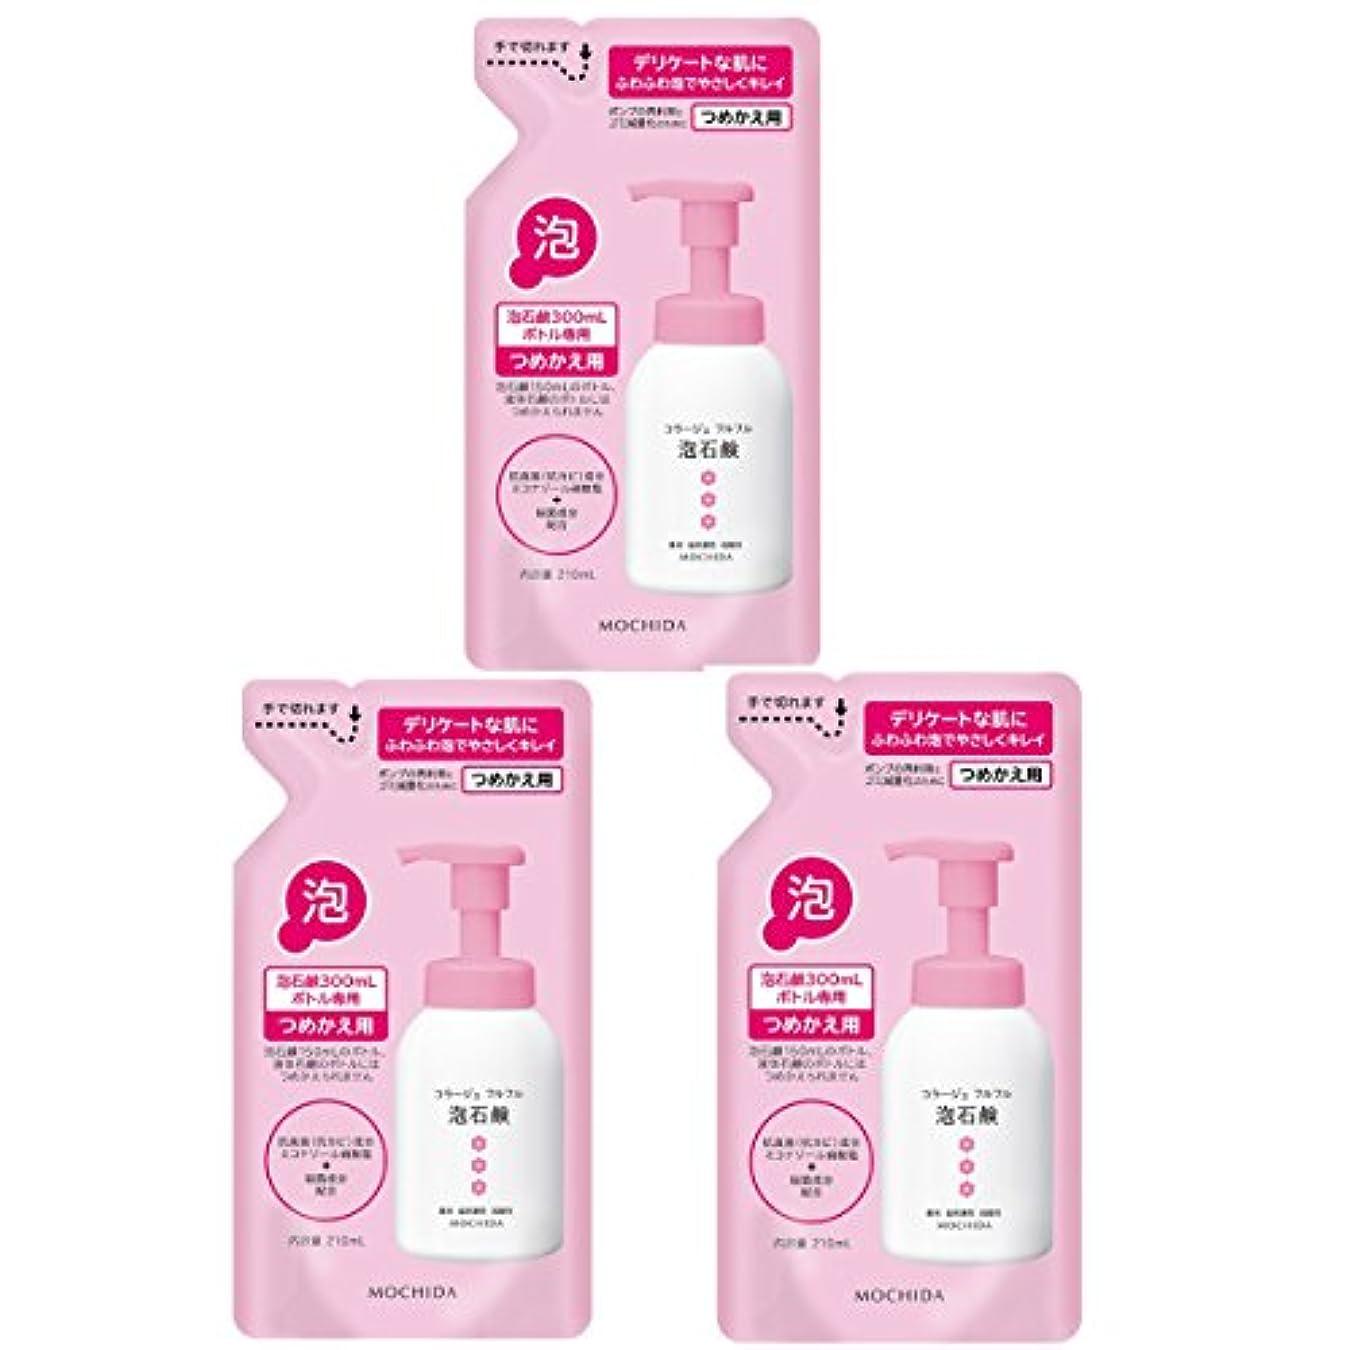 ラウズ軽くウサギコラージュフルフル 泡石鹸 ピンク つめかえ用 210mL (医薬部外品)×3